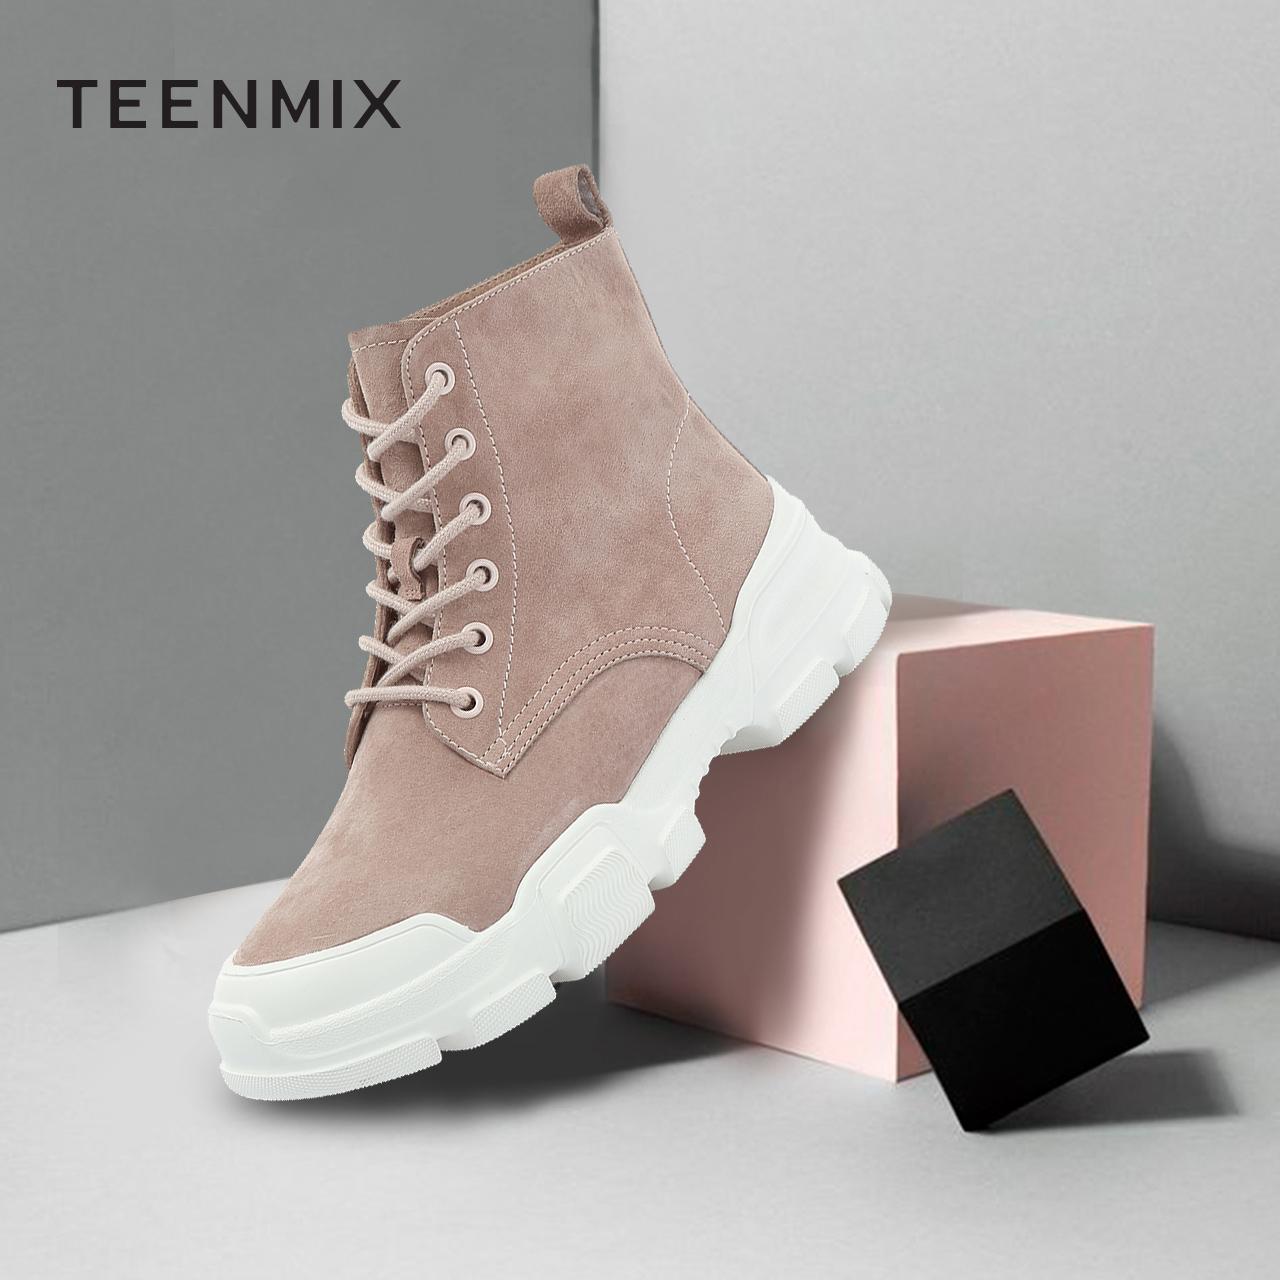 天美意街头马丁靴女平底休闲风纯色短筒靴冬季新款18403DD8